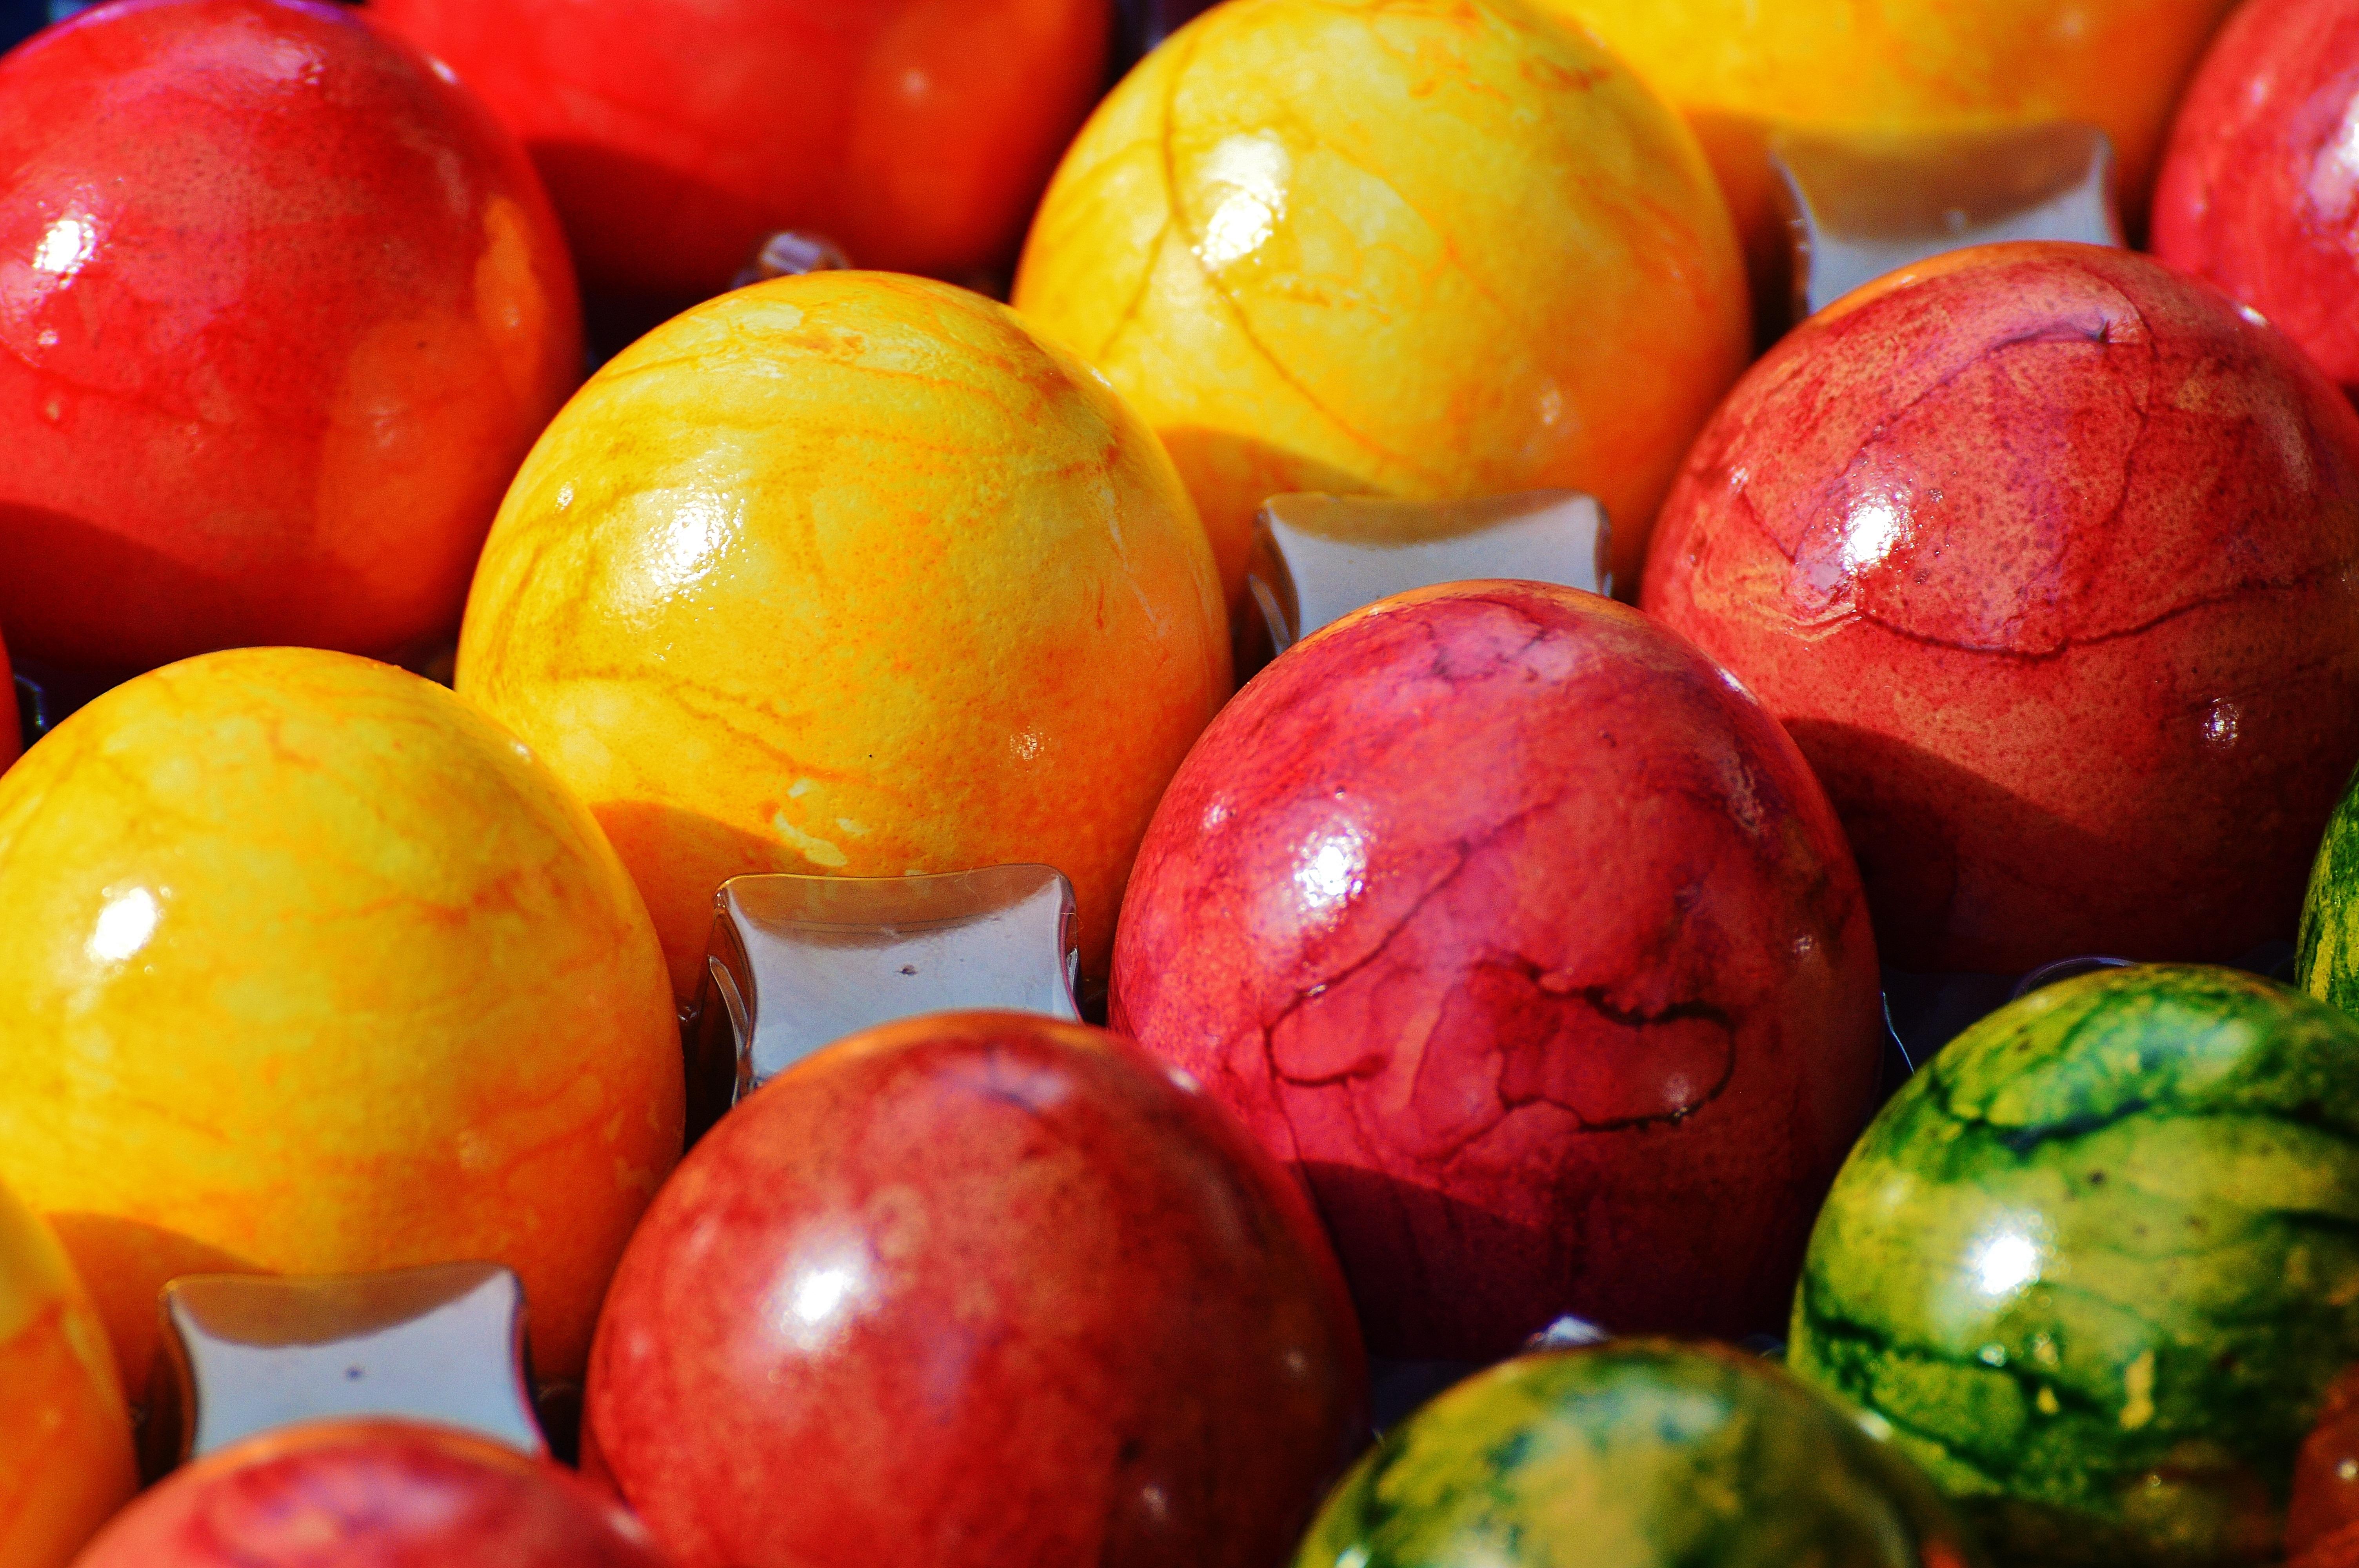 Kostenlose foto : Frucht, Lebensmittel, produzieren, Gemüse, Farbe ...